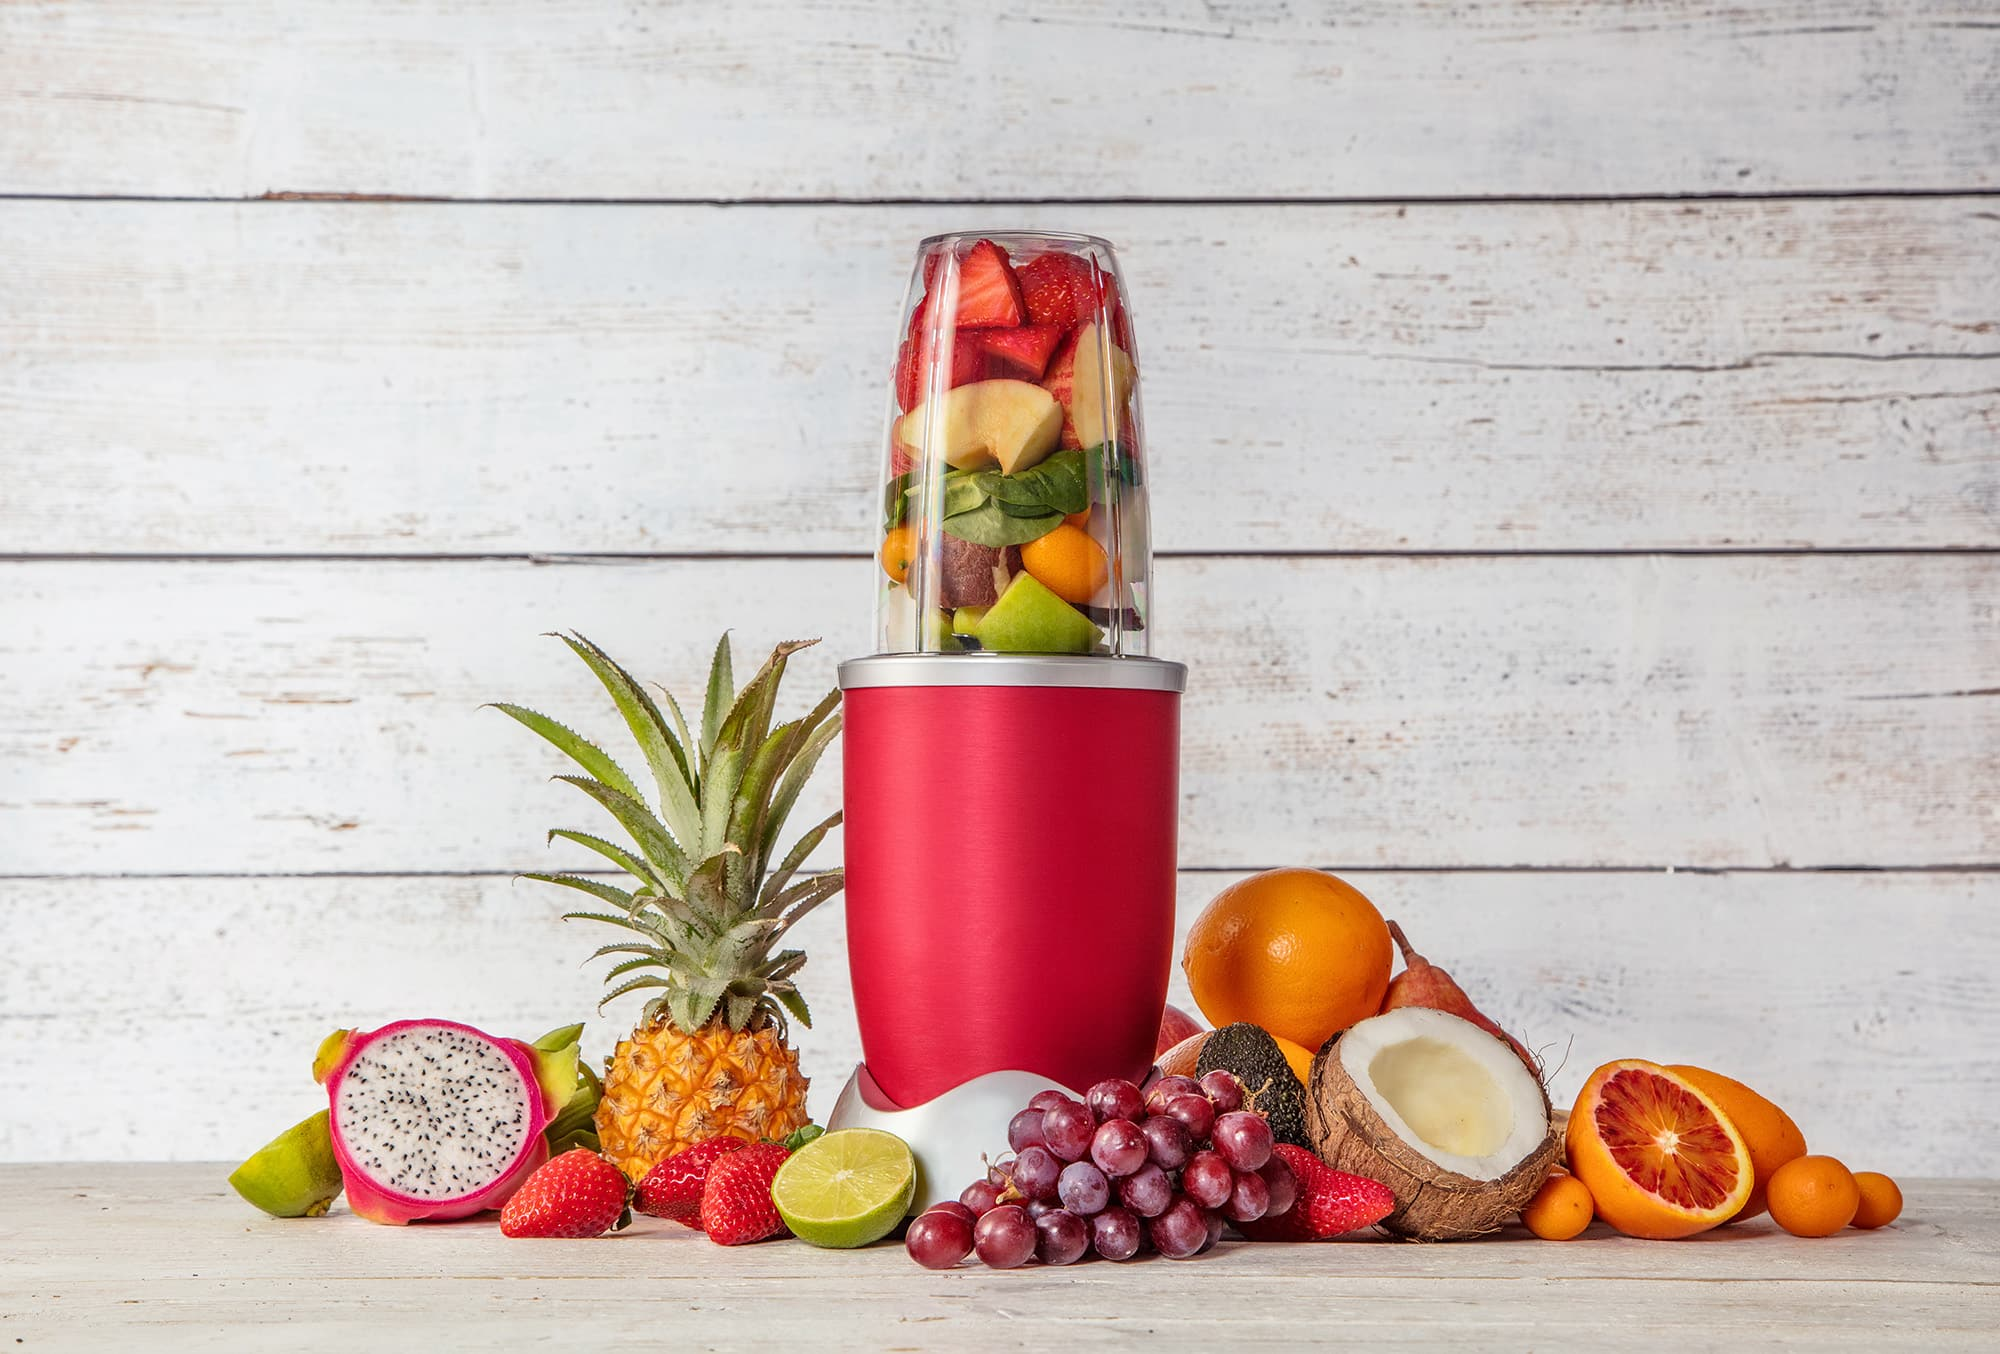 Mixeur avec de multiples fruits colorés